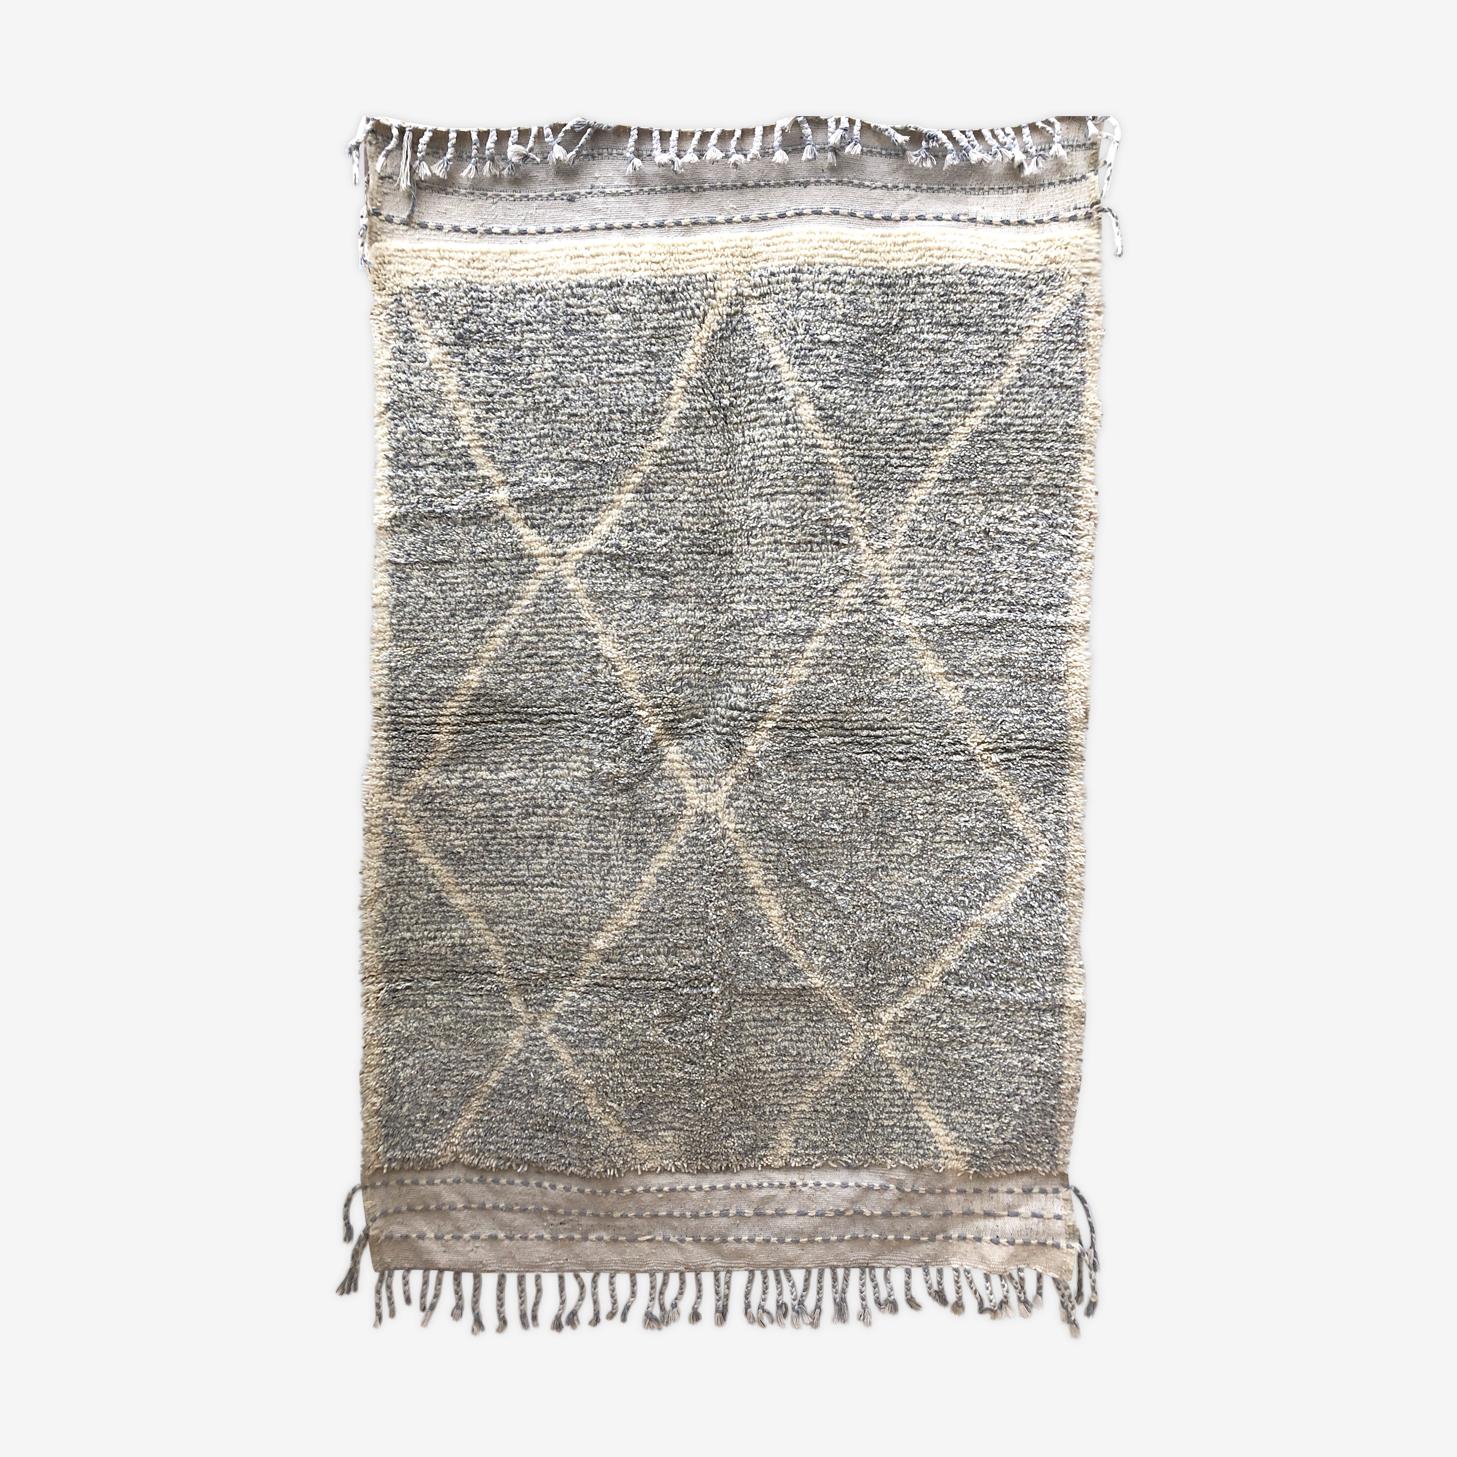 Tapis berbère marocain beni ouarain écru et gris clair moucheté 235x140cm